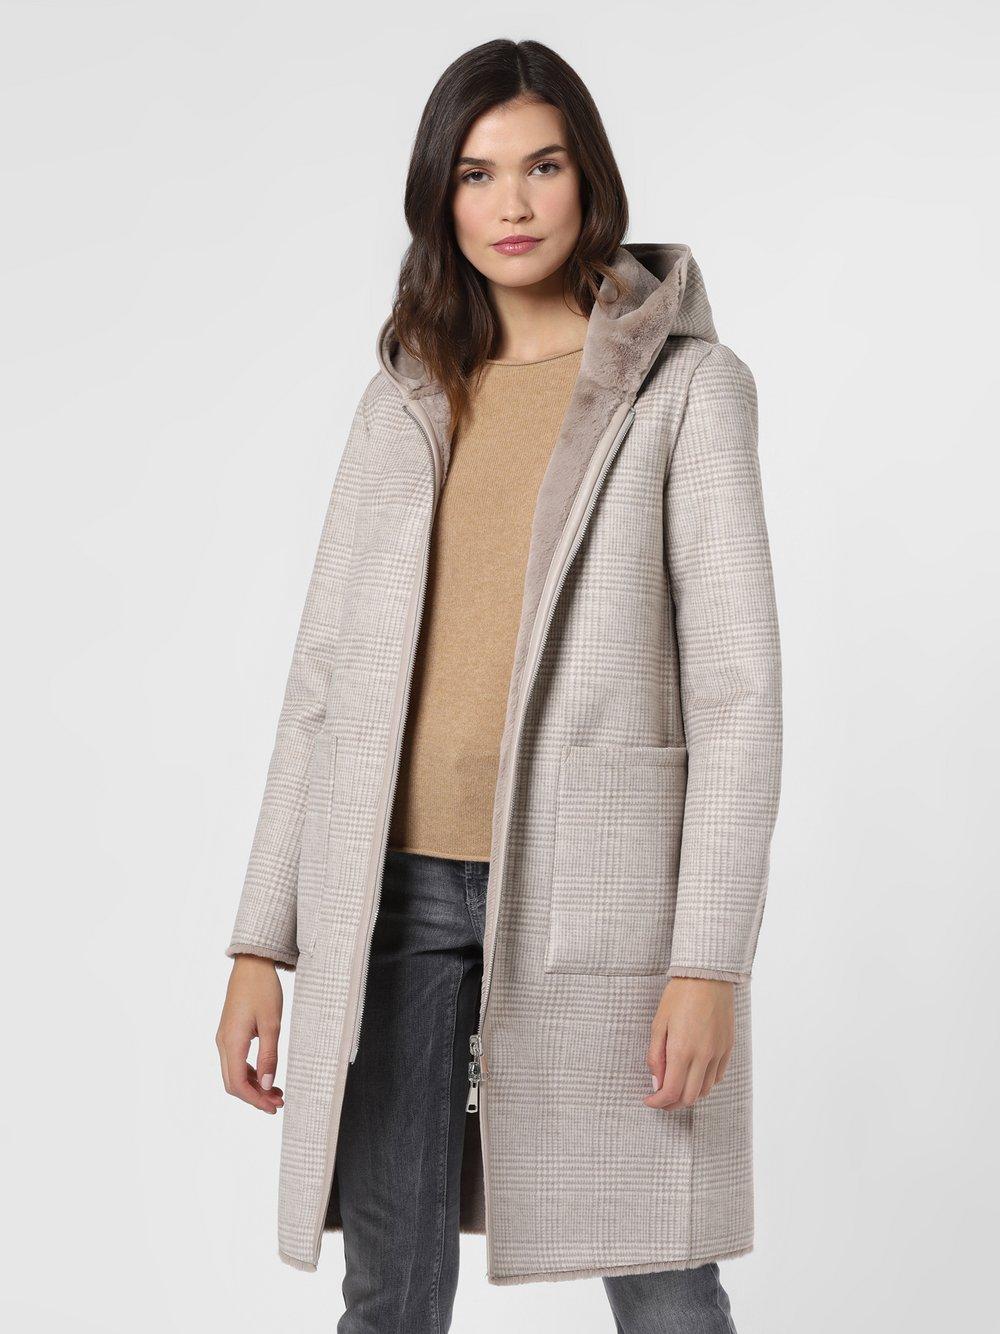 Marie Lund - Damski płaszcz dwustronny, beżowy